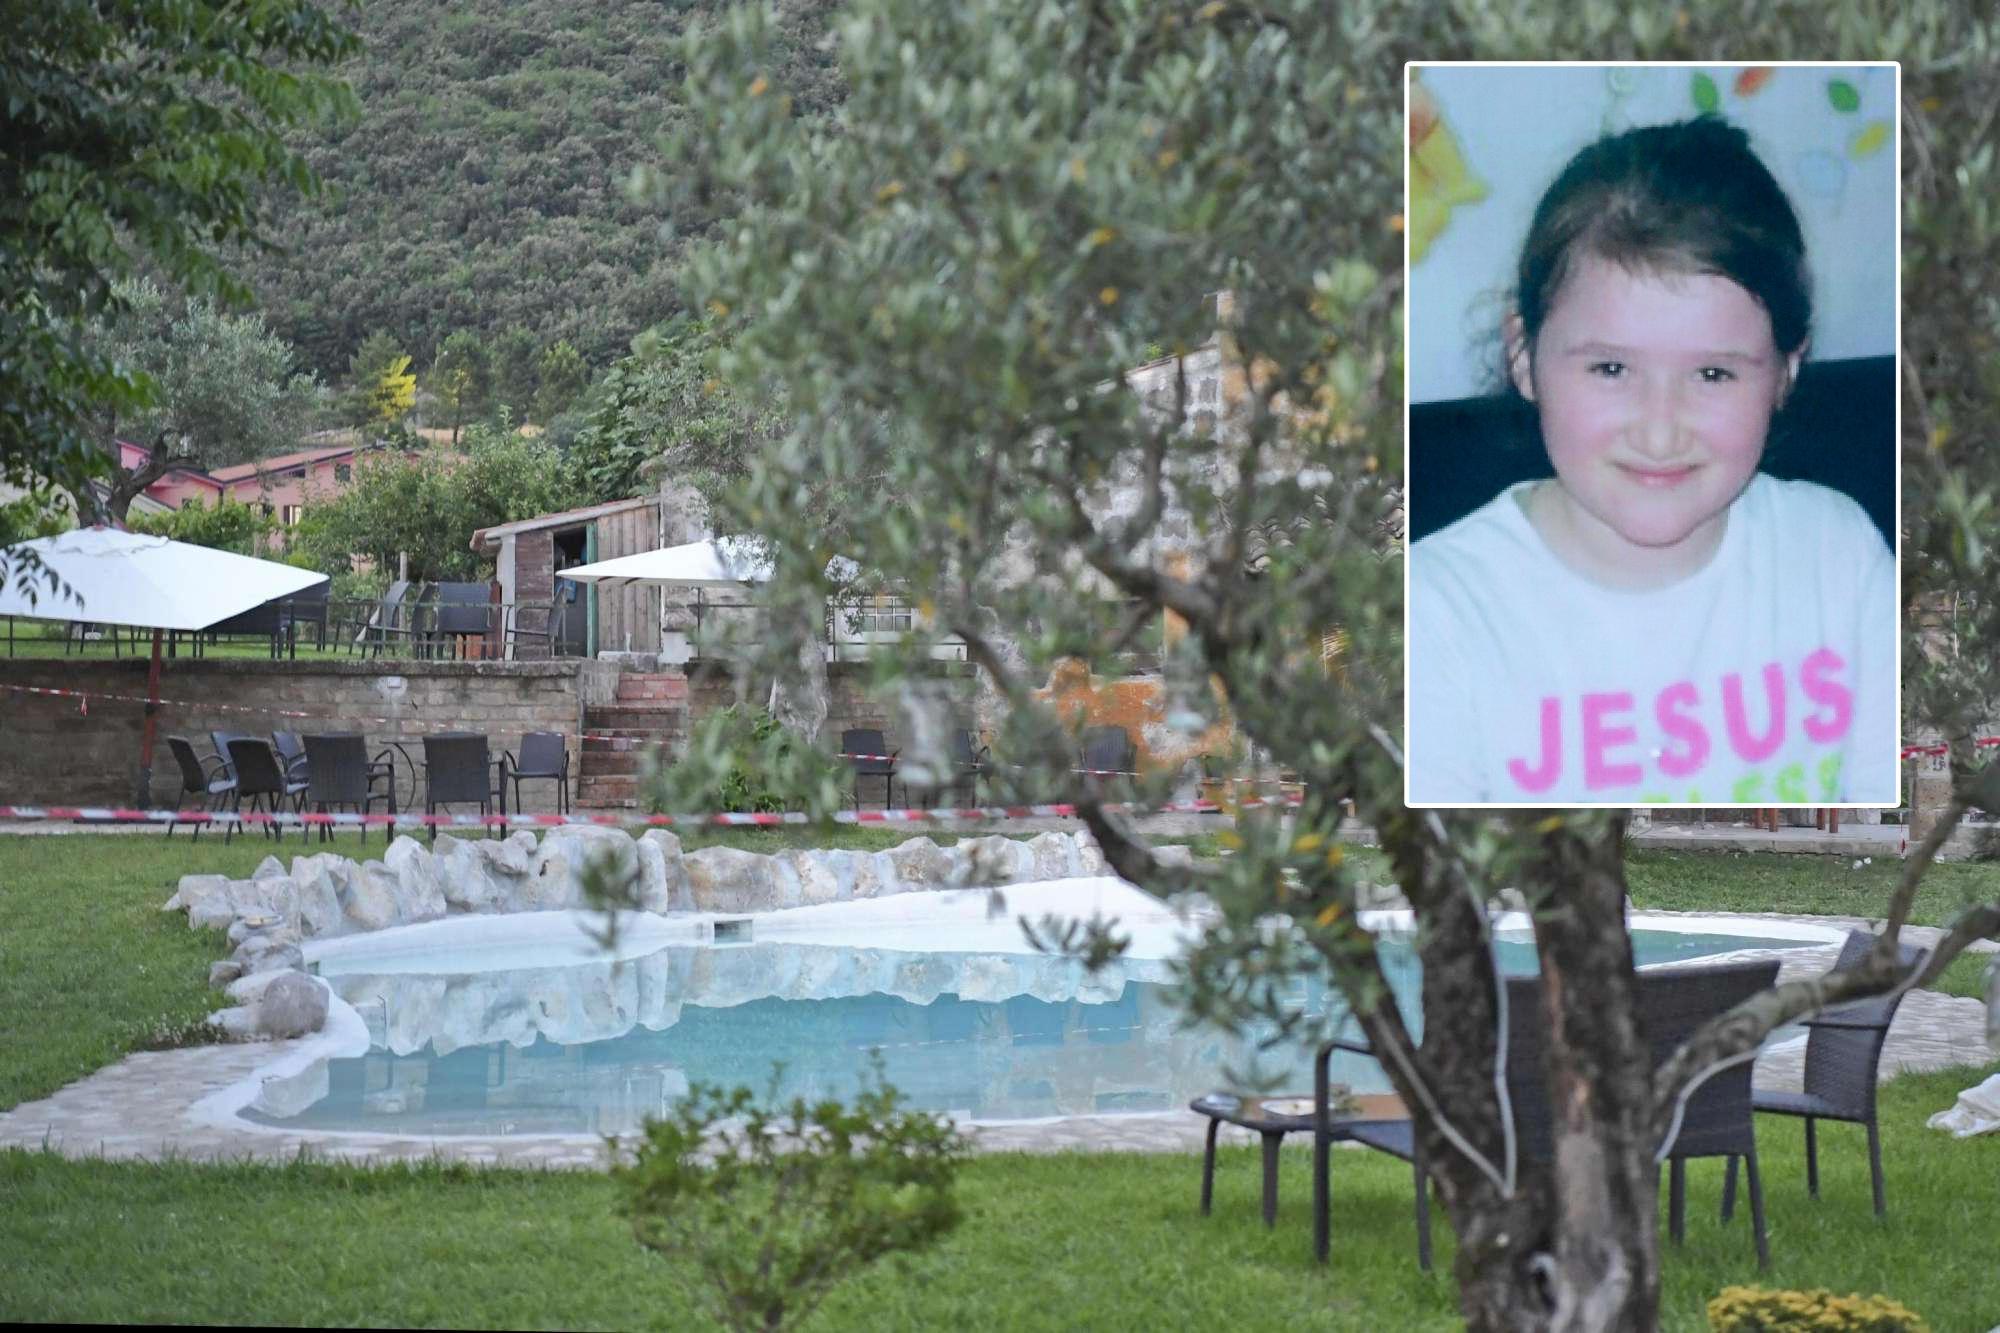 Bimba stuprata e uccisa nel Beneventano, riesumata la salma ma sono spariti gli organi interni